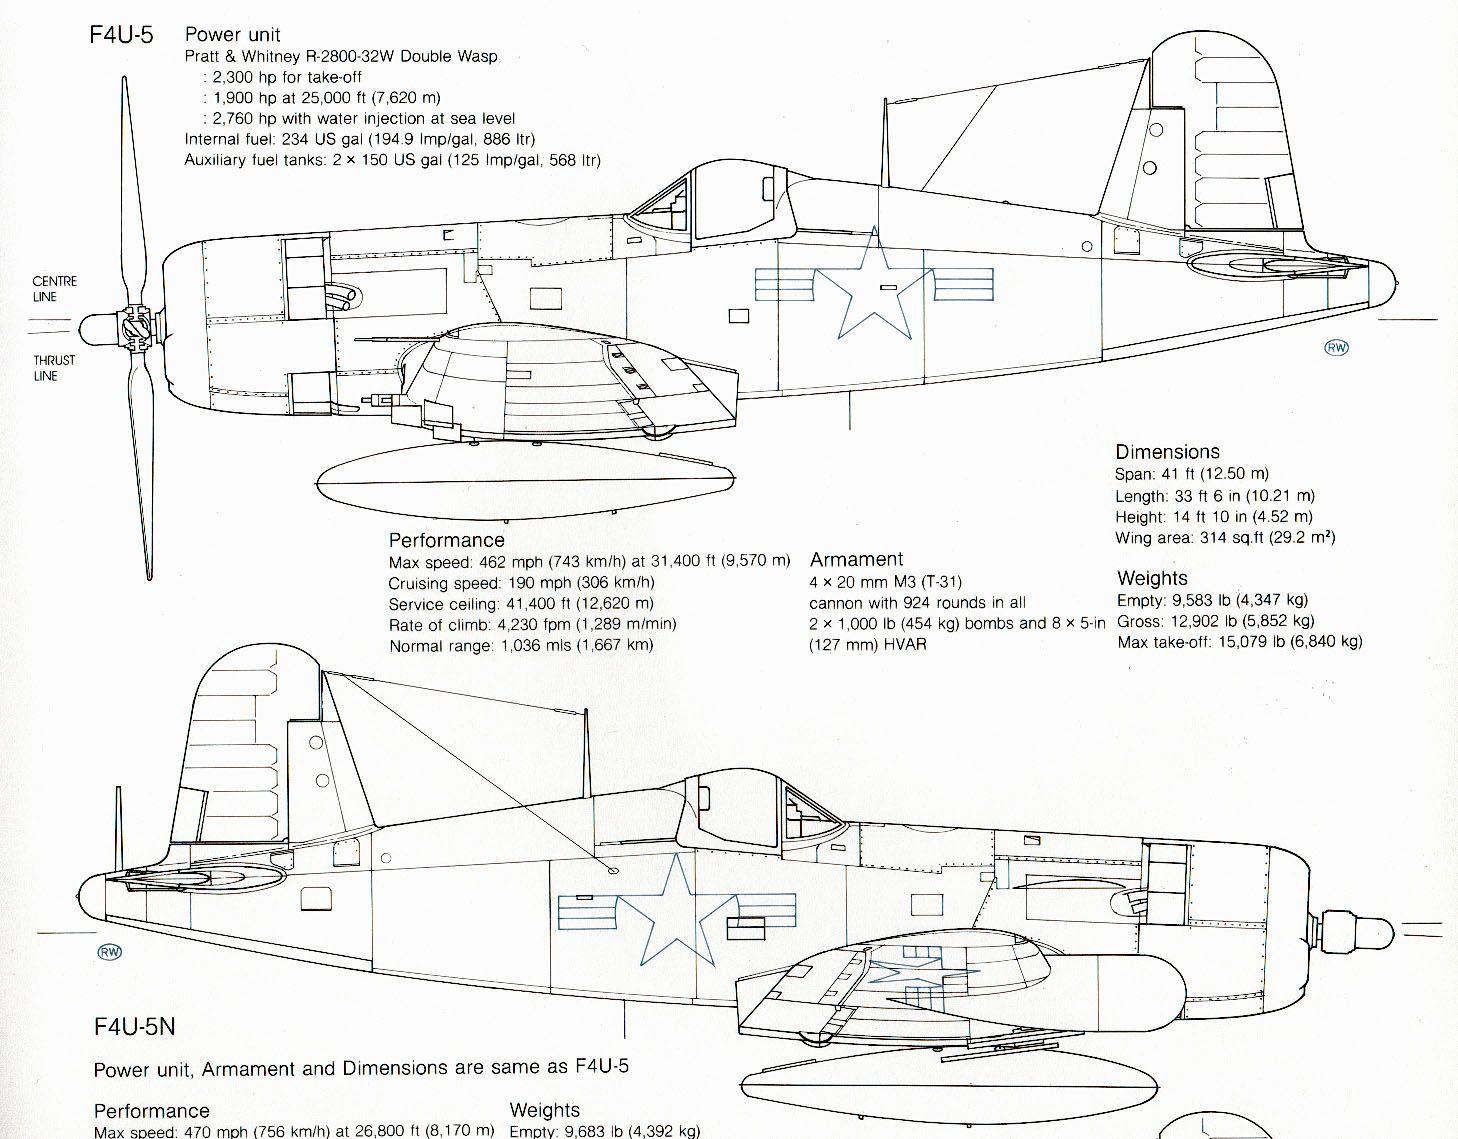 F4U Corsair (With images) F4u corsair